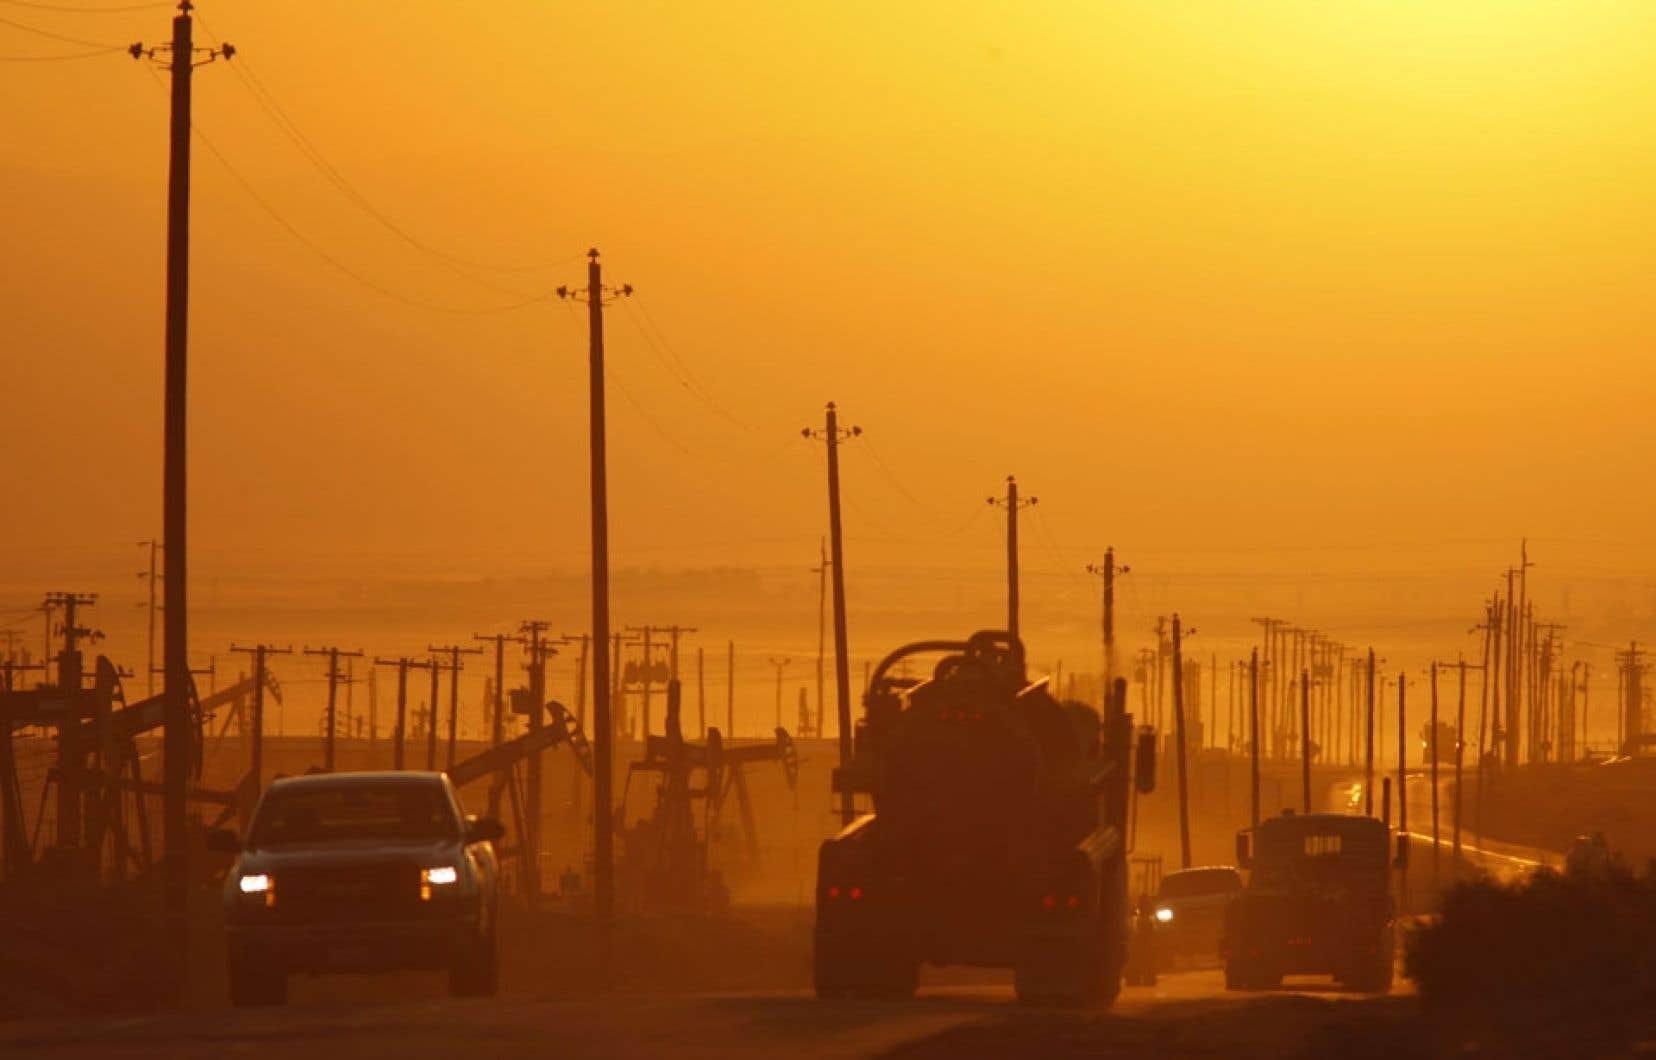 Une route longeant un champ pétrolifère près de Lost Hills, en Californie. Les États-Unis, qui connaissent un boom d'exploitation de pétrole et de gaz de schiste, refusent catégoriquement de se faire imposer une cible de réduction des émissions de gaz à effet de serre.